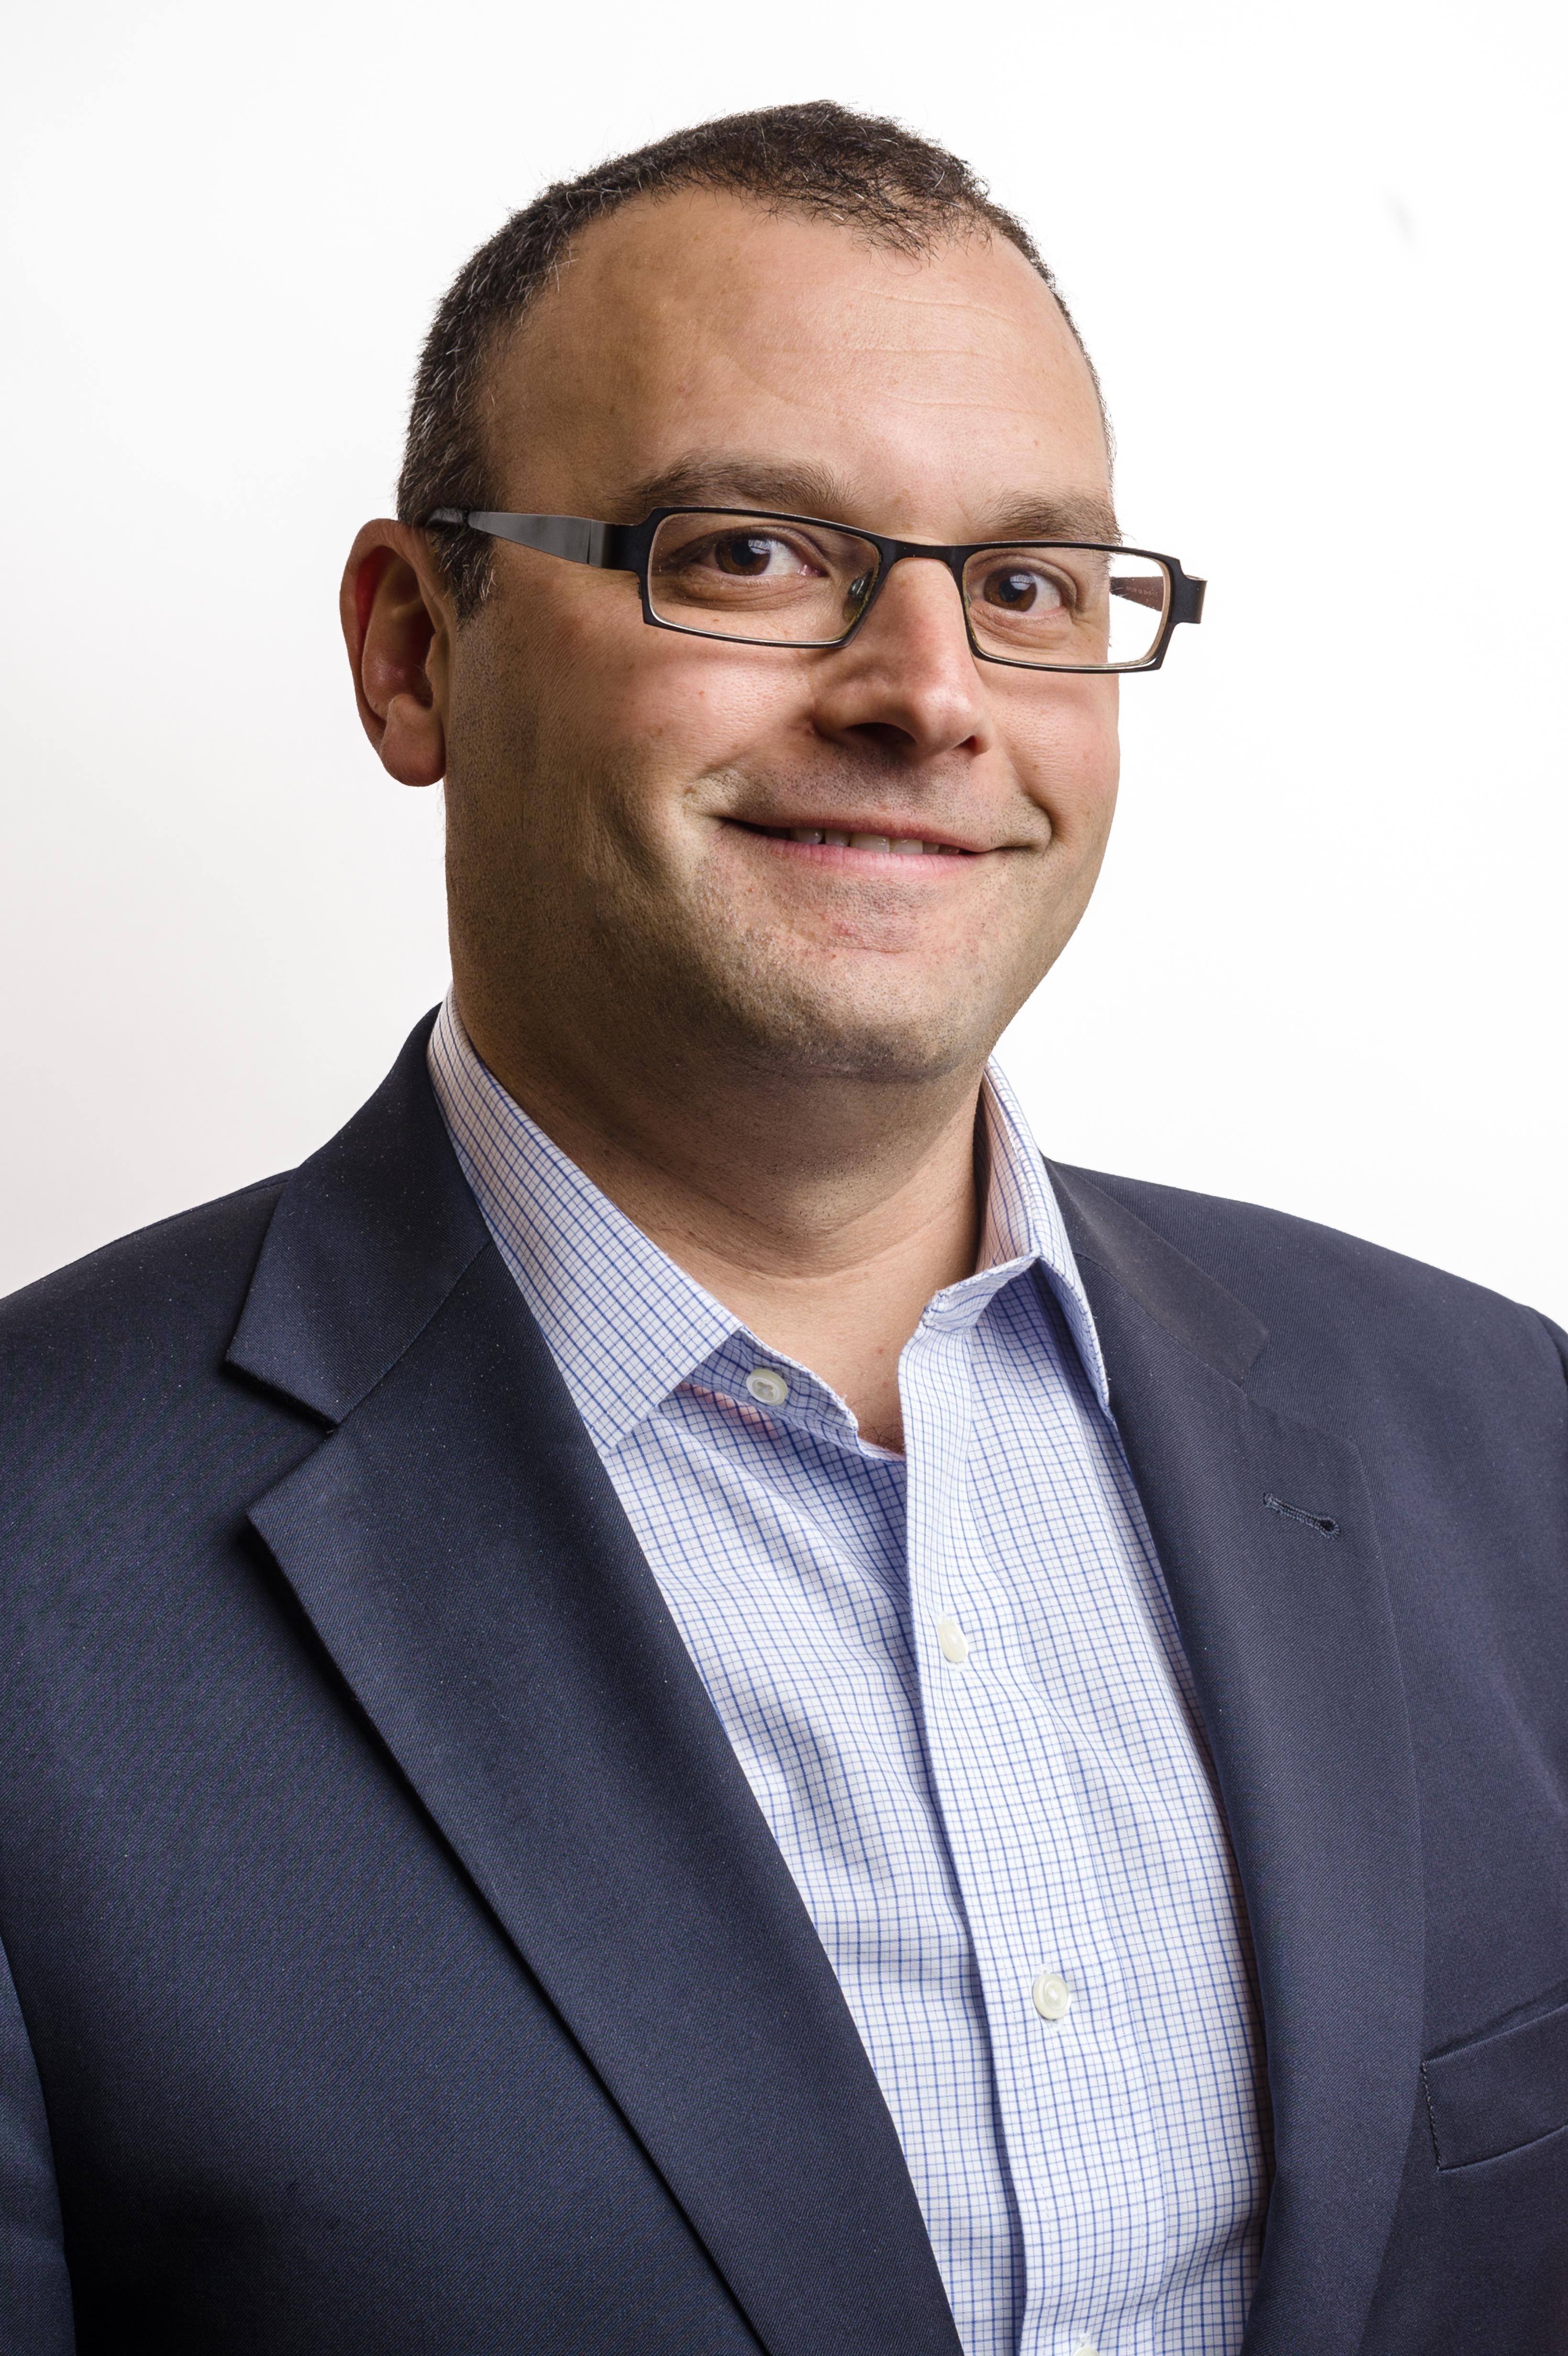 Matt Baer